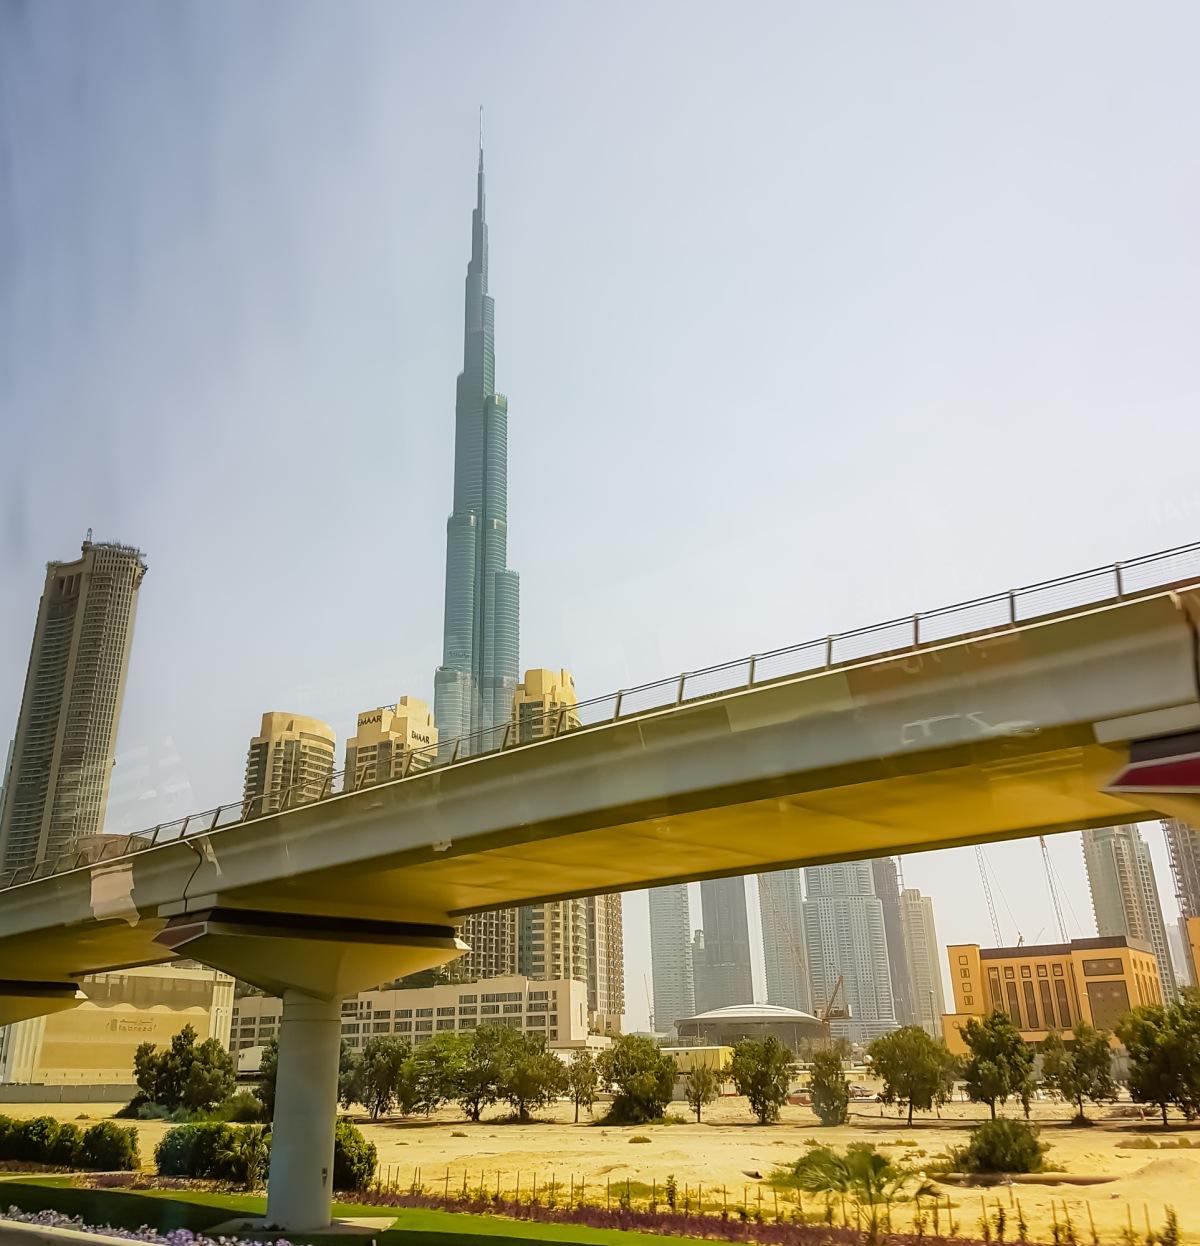 Dubai@burj khalifa-2-12